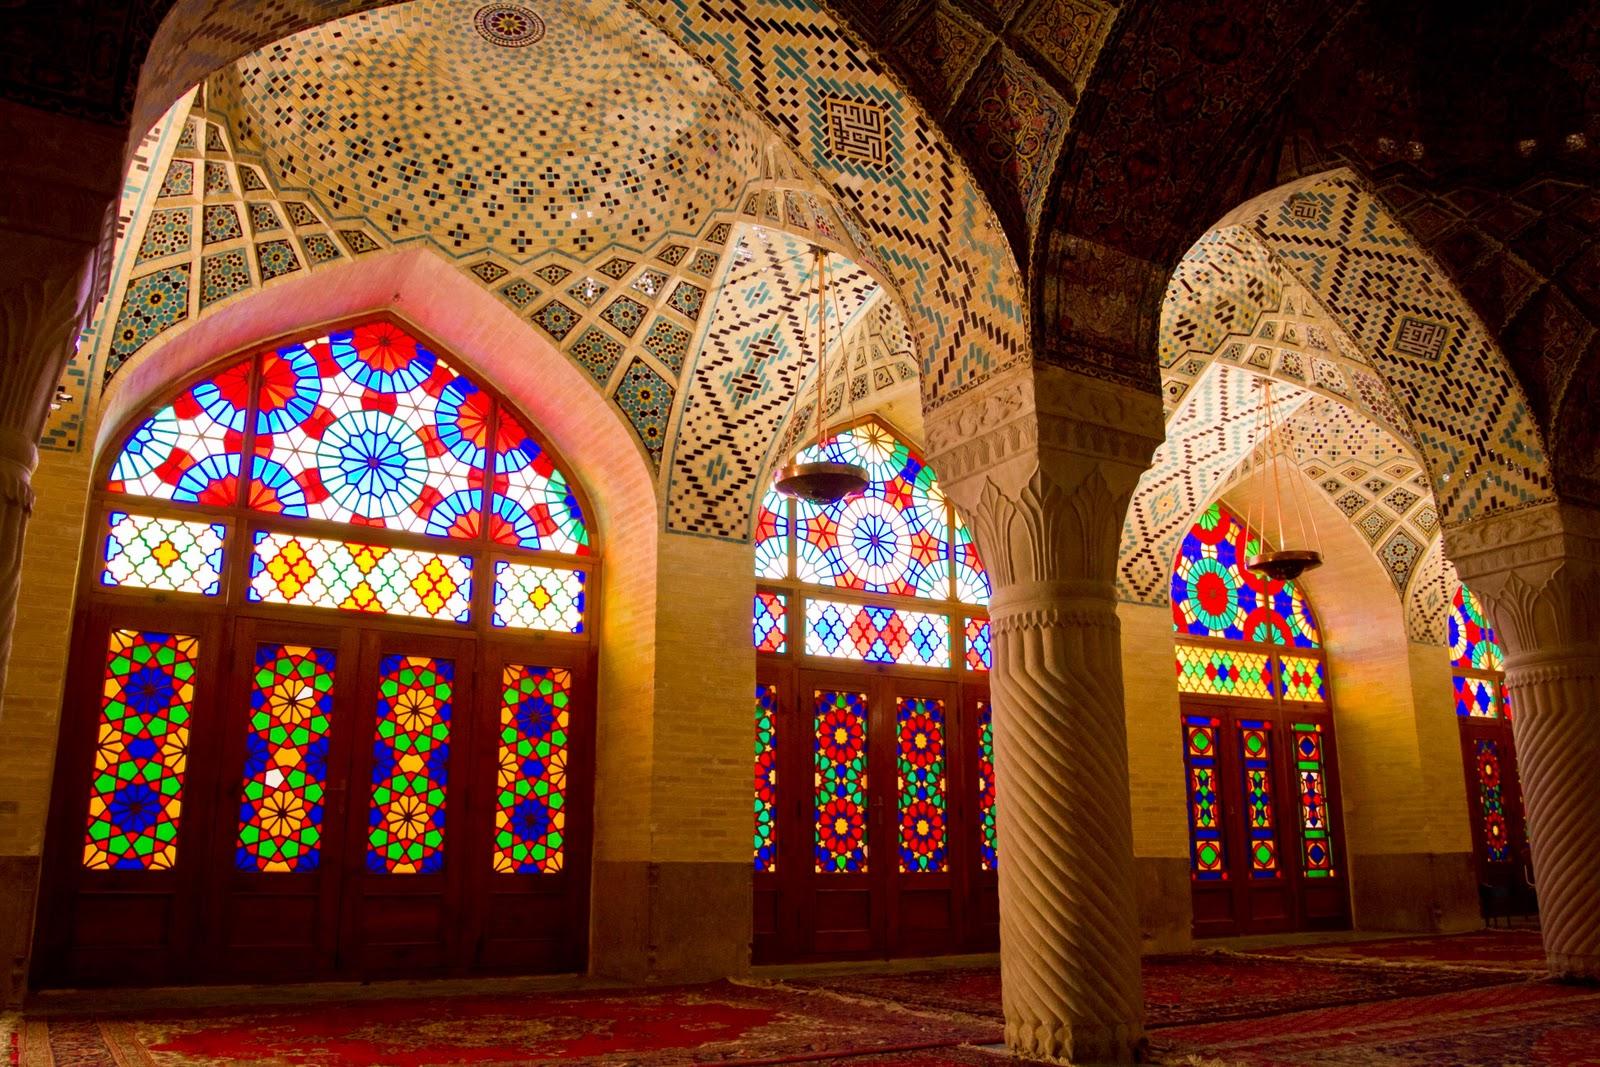 мечеть вакиль674634_original.jpg